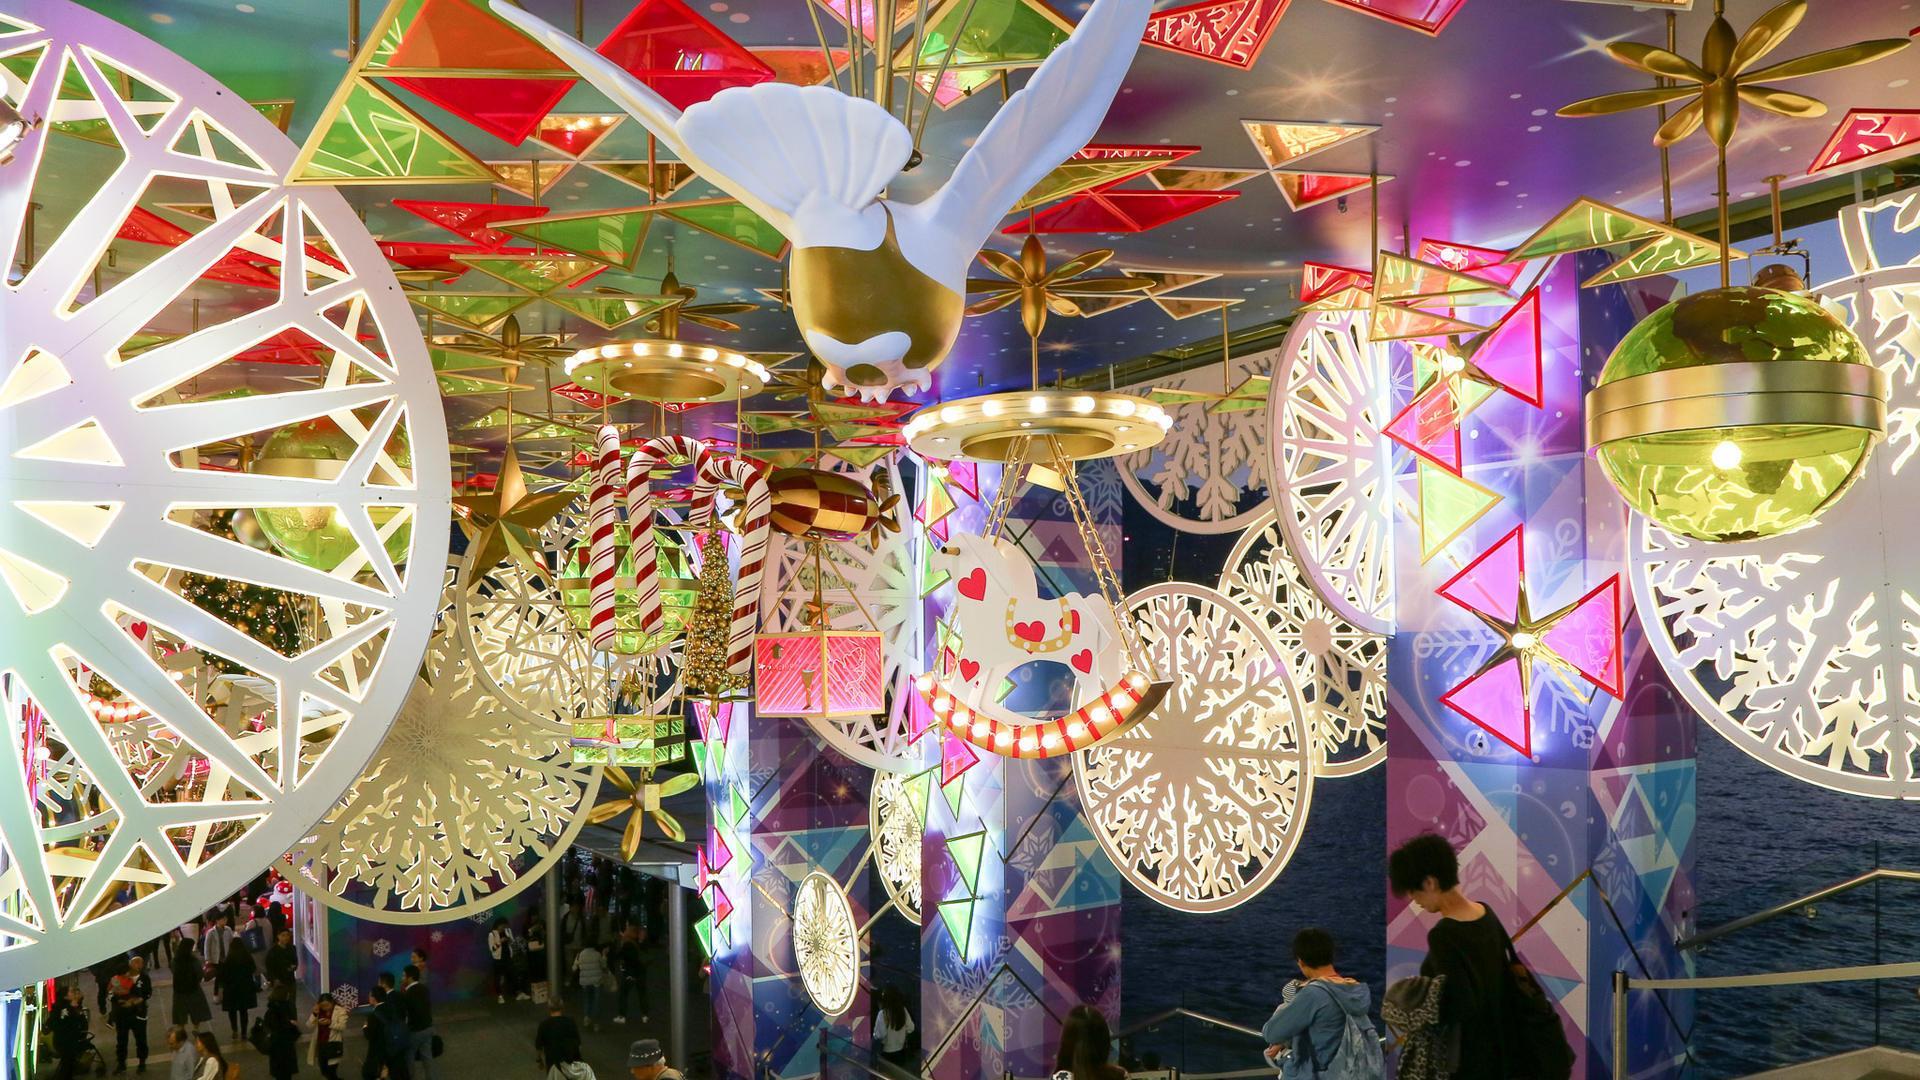 18米圣诞树 迪士尼圣诞舞会,冷冷的十二月,到香港感受温馨欢腾的圣诞图片